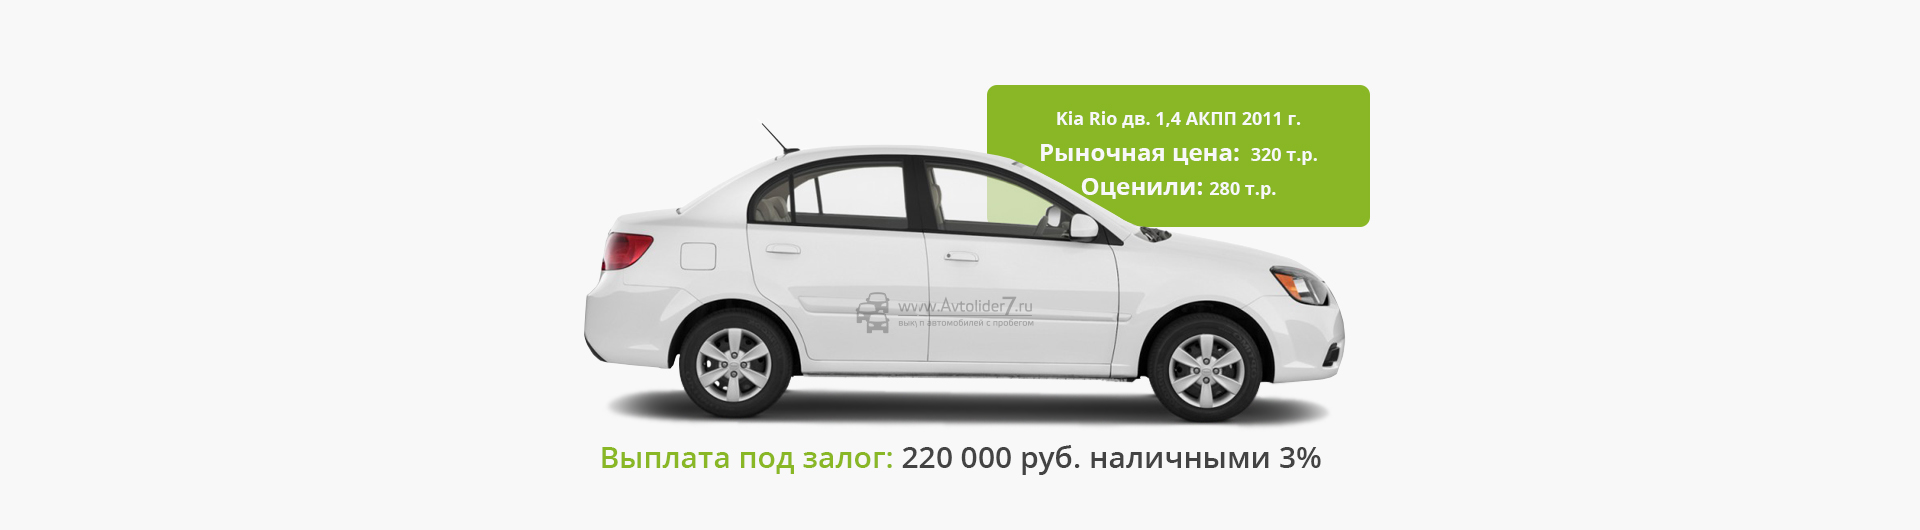 Займы под залог в Новосибирске (18 шт): быстрое получение